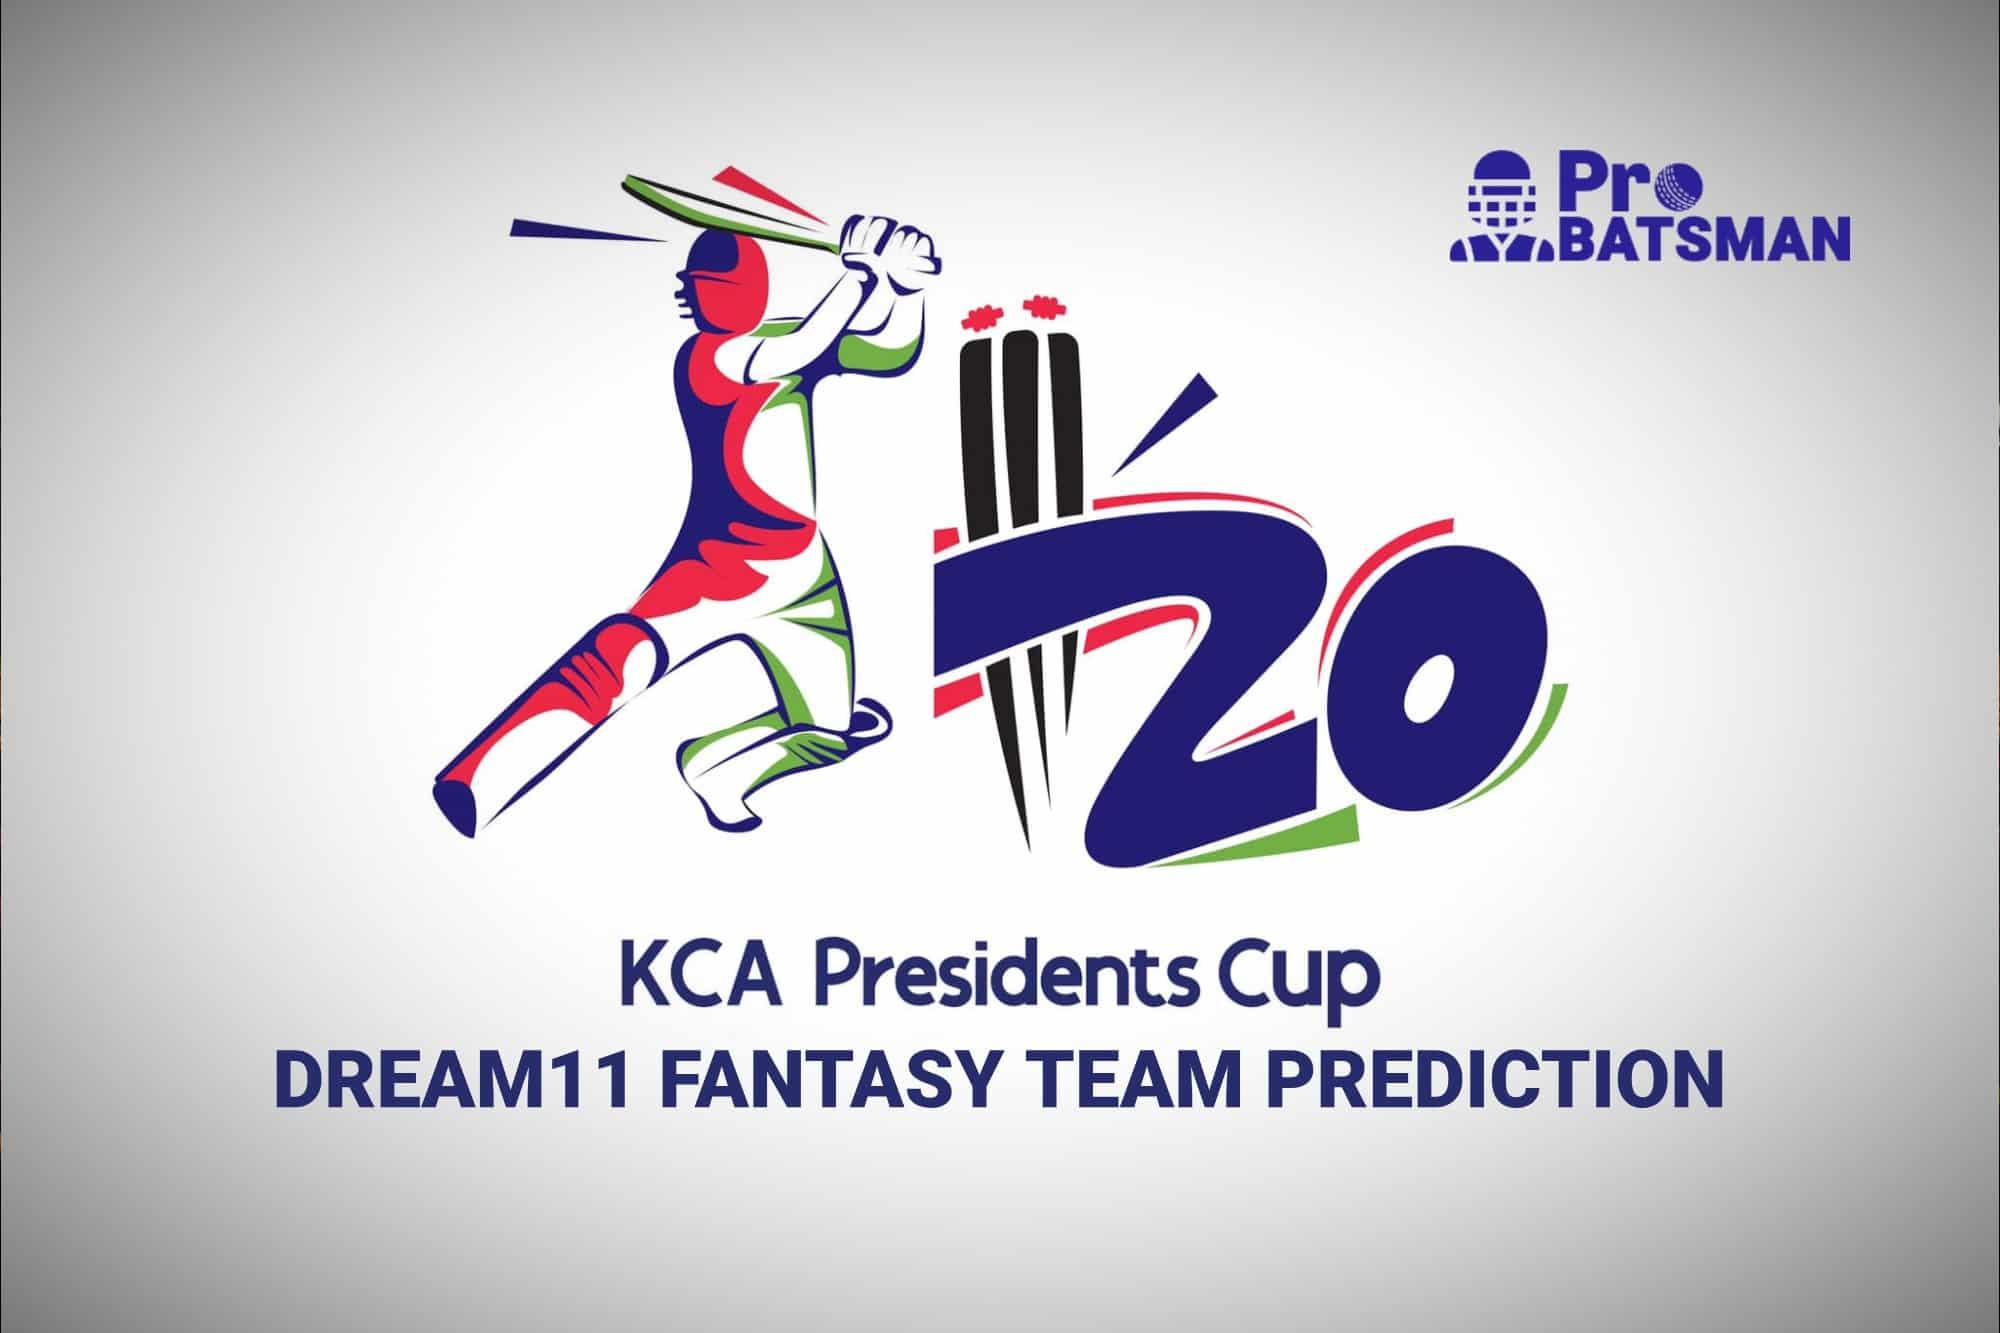 KCA Presidents Cup 2021 Dream11 Prediction Fantasy Cricket Tips